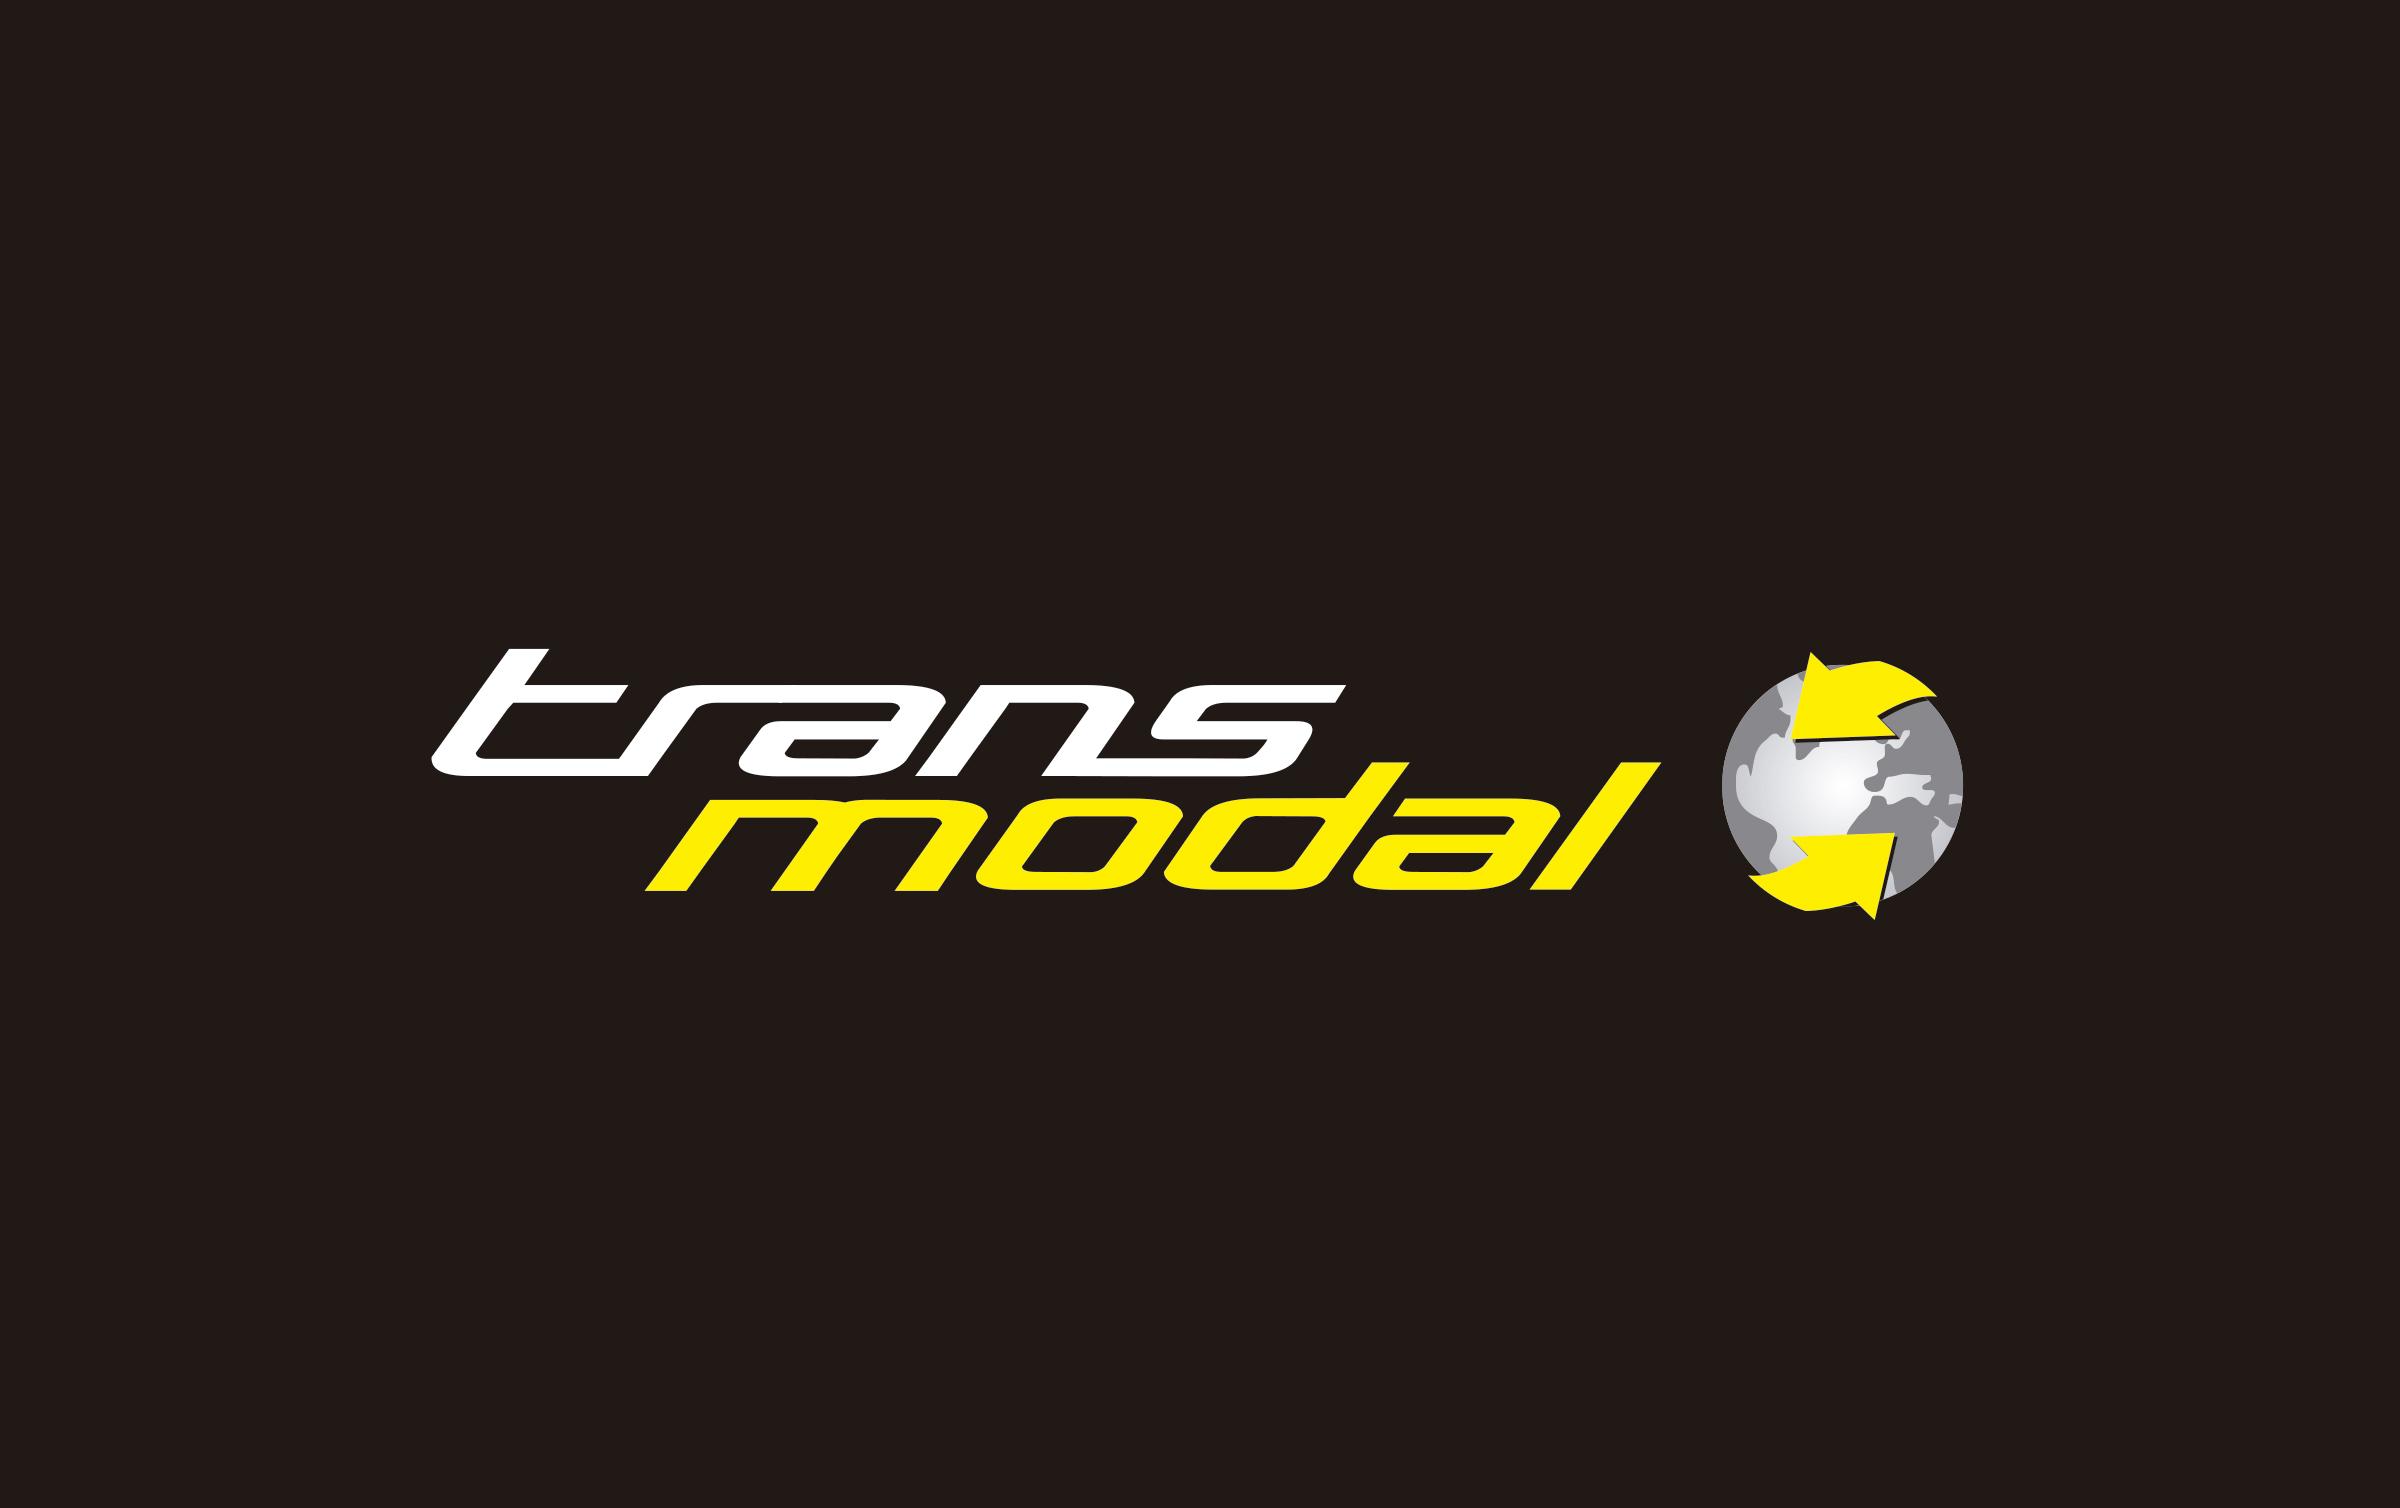 Transmodal biltzarraren marka